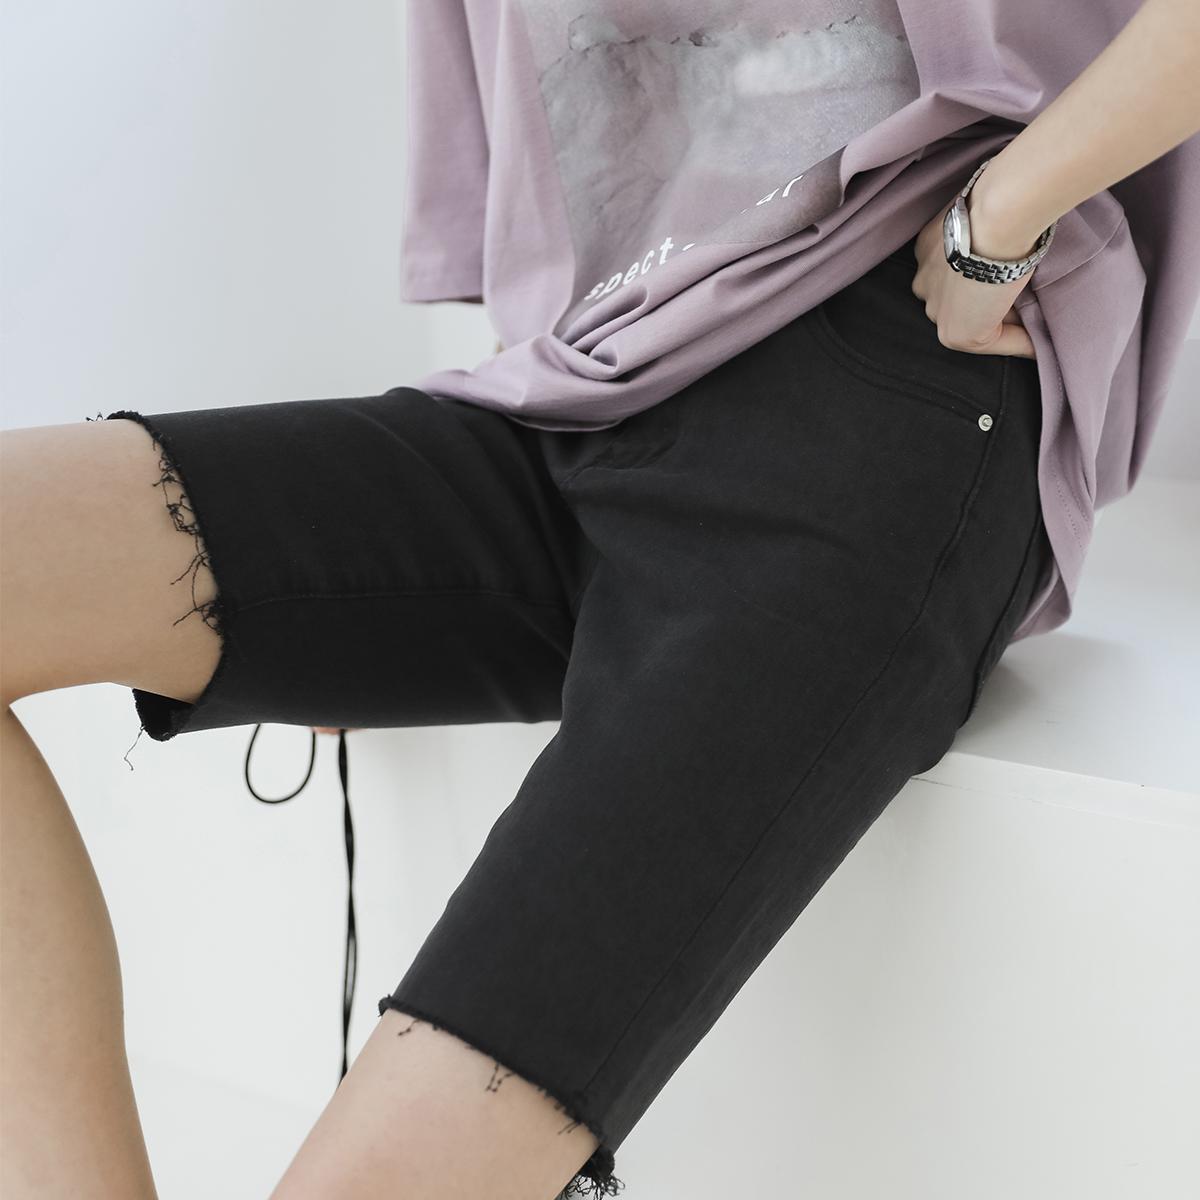 金大班雾气2020春季新款复古深色紧身弹力牛仔短裤骑士裤子女潮酷图片